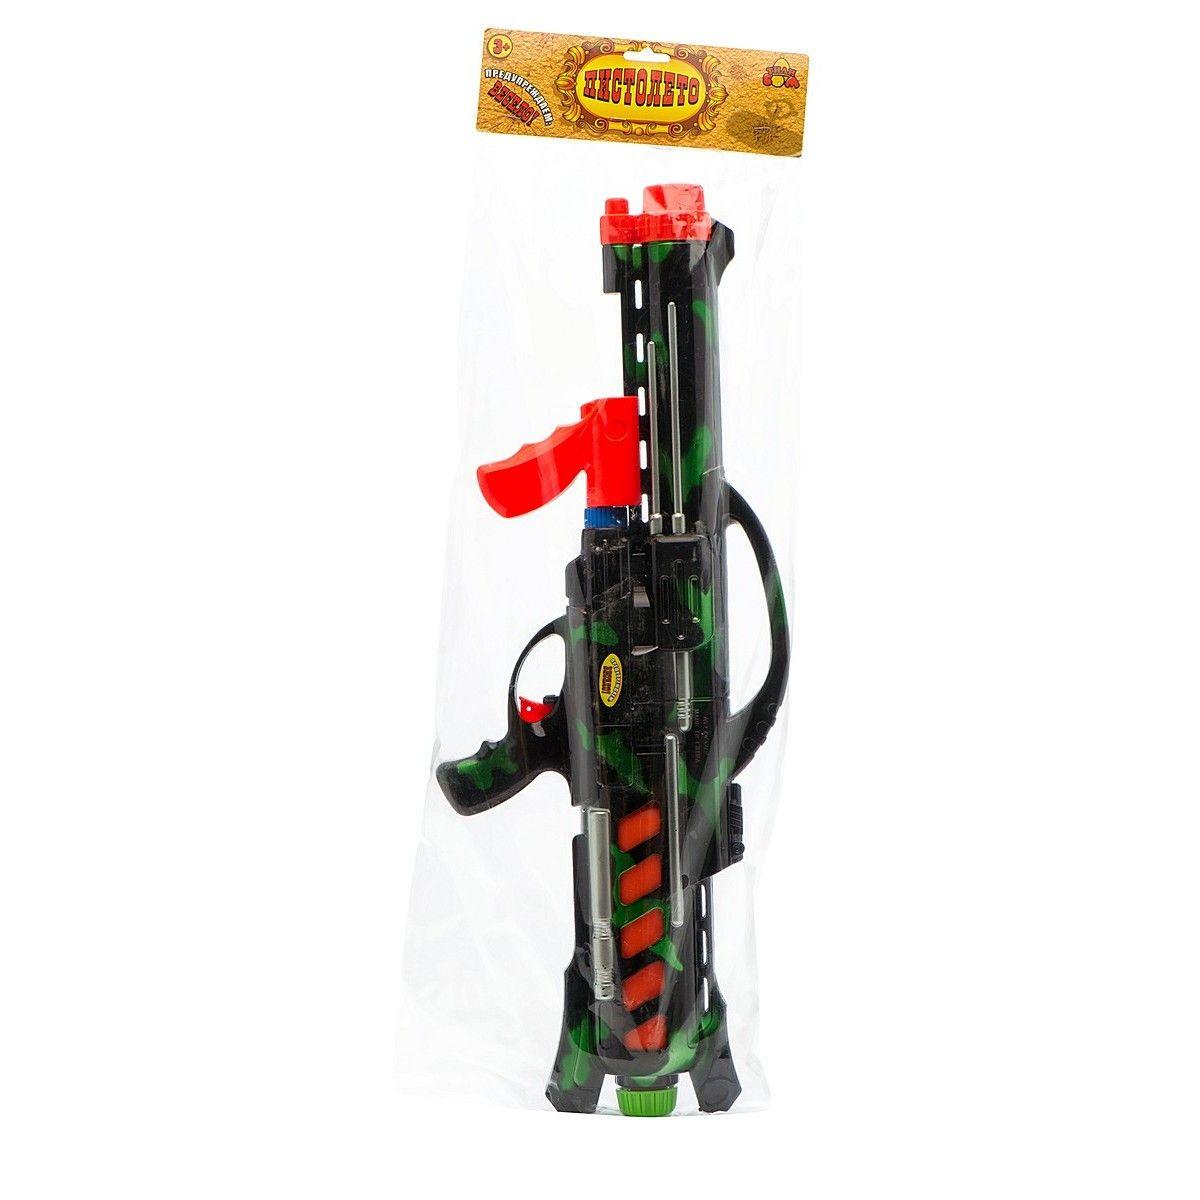 Тилибом Водный автомат военный с помпой 61,5 смТ80451Яркий водный пистолет, готовый стать прекрасным развлечением для вас и ваших детей в жаркий солнечный день лета. Для его использования не требуется много усилий - просто залейте в емкость воду, после чего пистолет готов стрельбе.